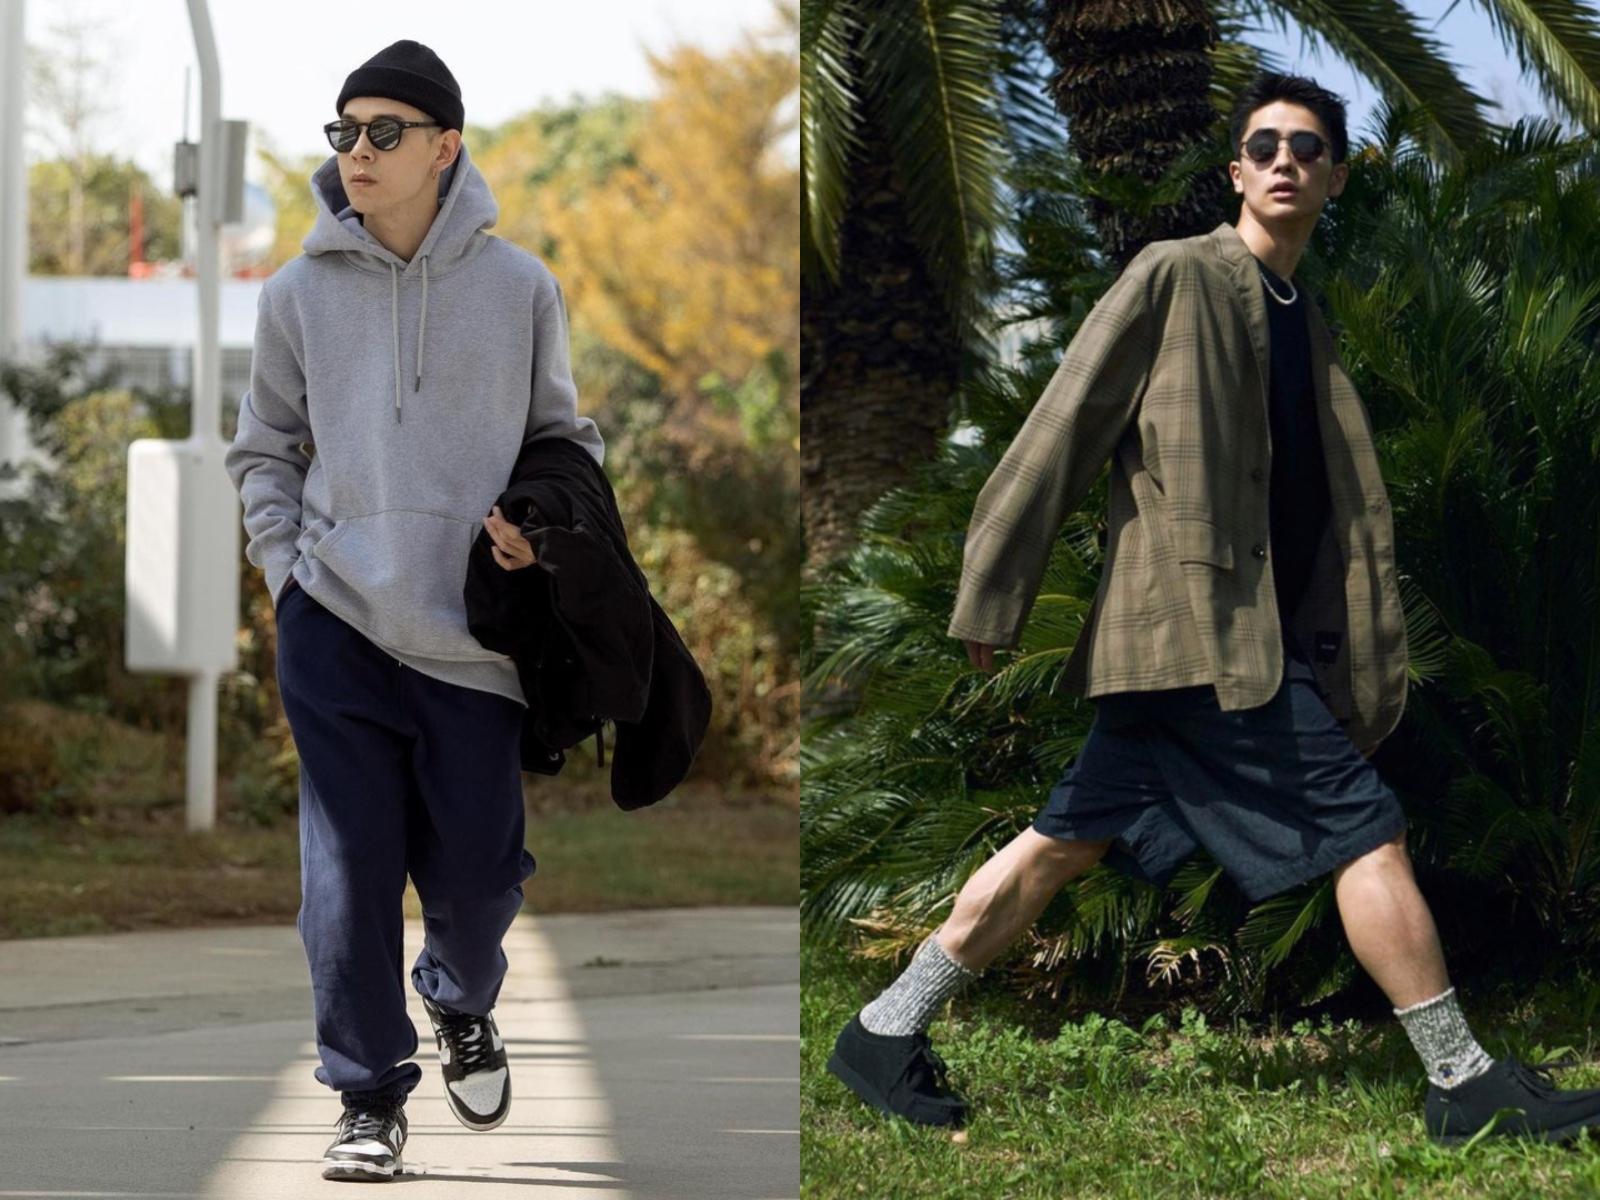 男裝哪裡買?網路討論推爆的 5 家質感男裝品牌、網拍